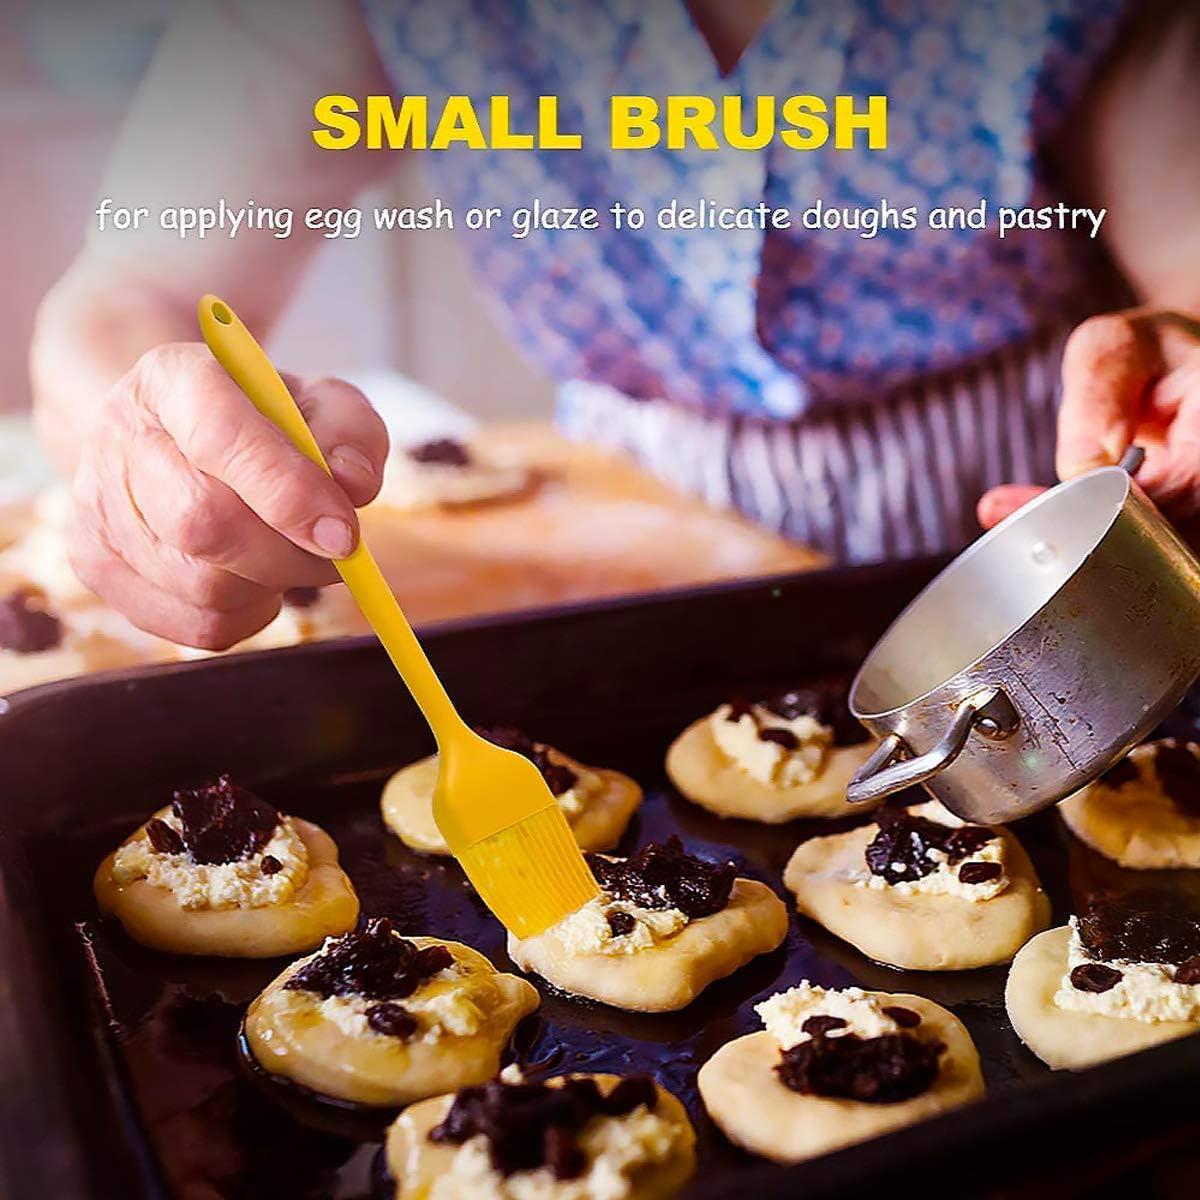 Cepillo para Hornear Barbacoa Basting Pastry Cooking Brushs 9 Piezas Brocha De Silicona para Cocina Reposter/ía Aceite Barbacoa Cocina Cepillo de Silicona Cepillo de Cocina Resistente al Calor